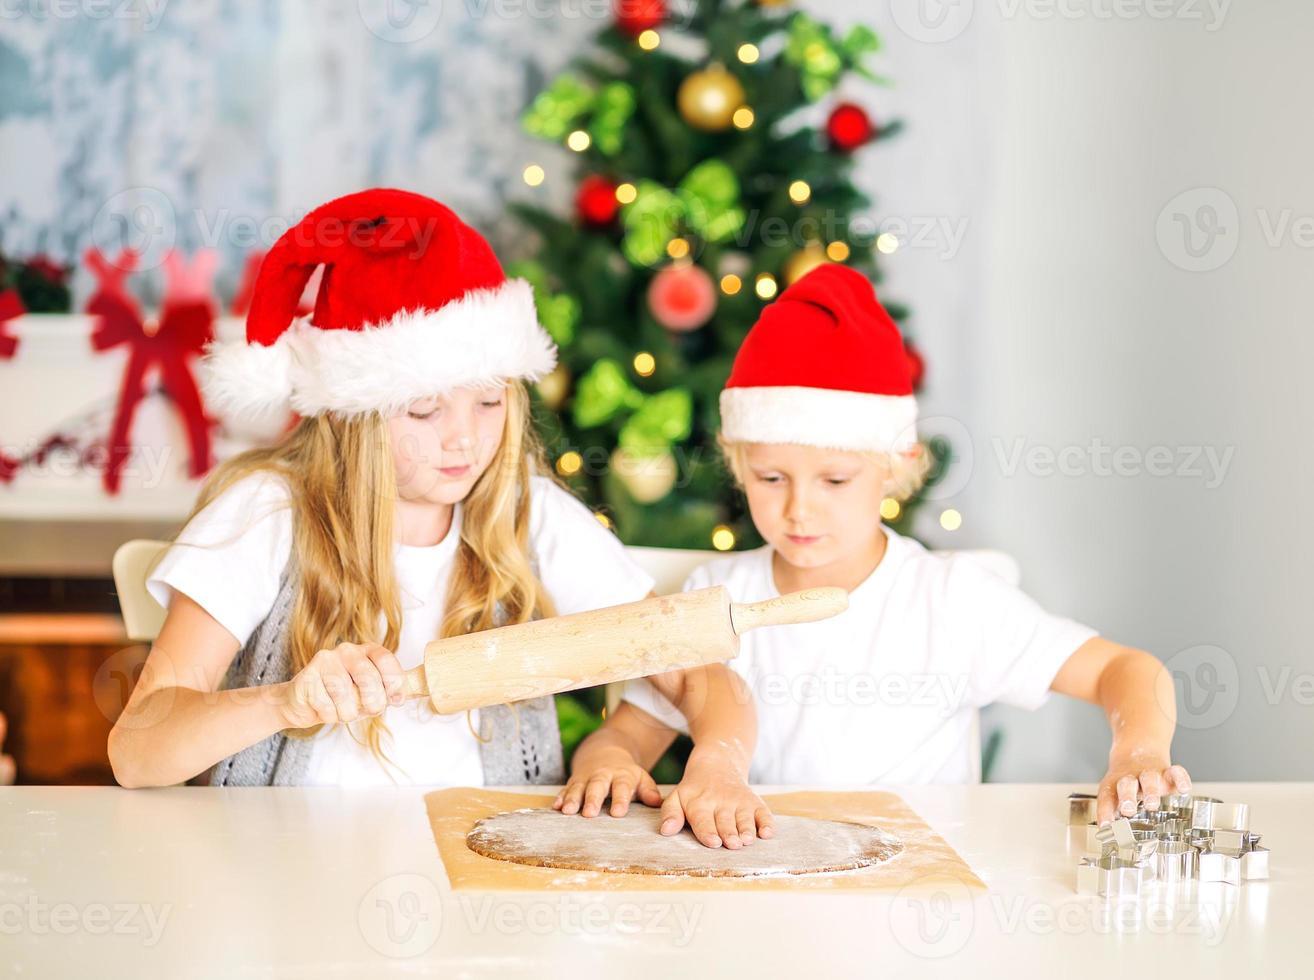 niños preparando galletas de navidad foto